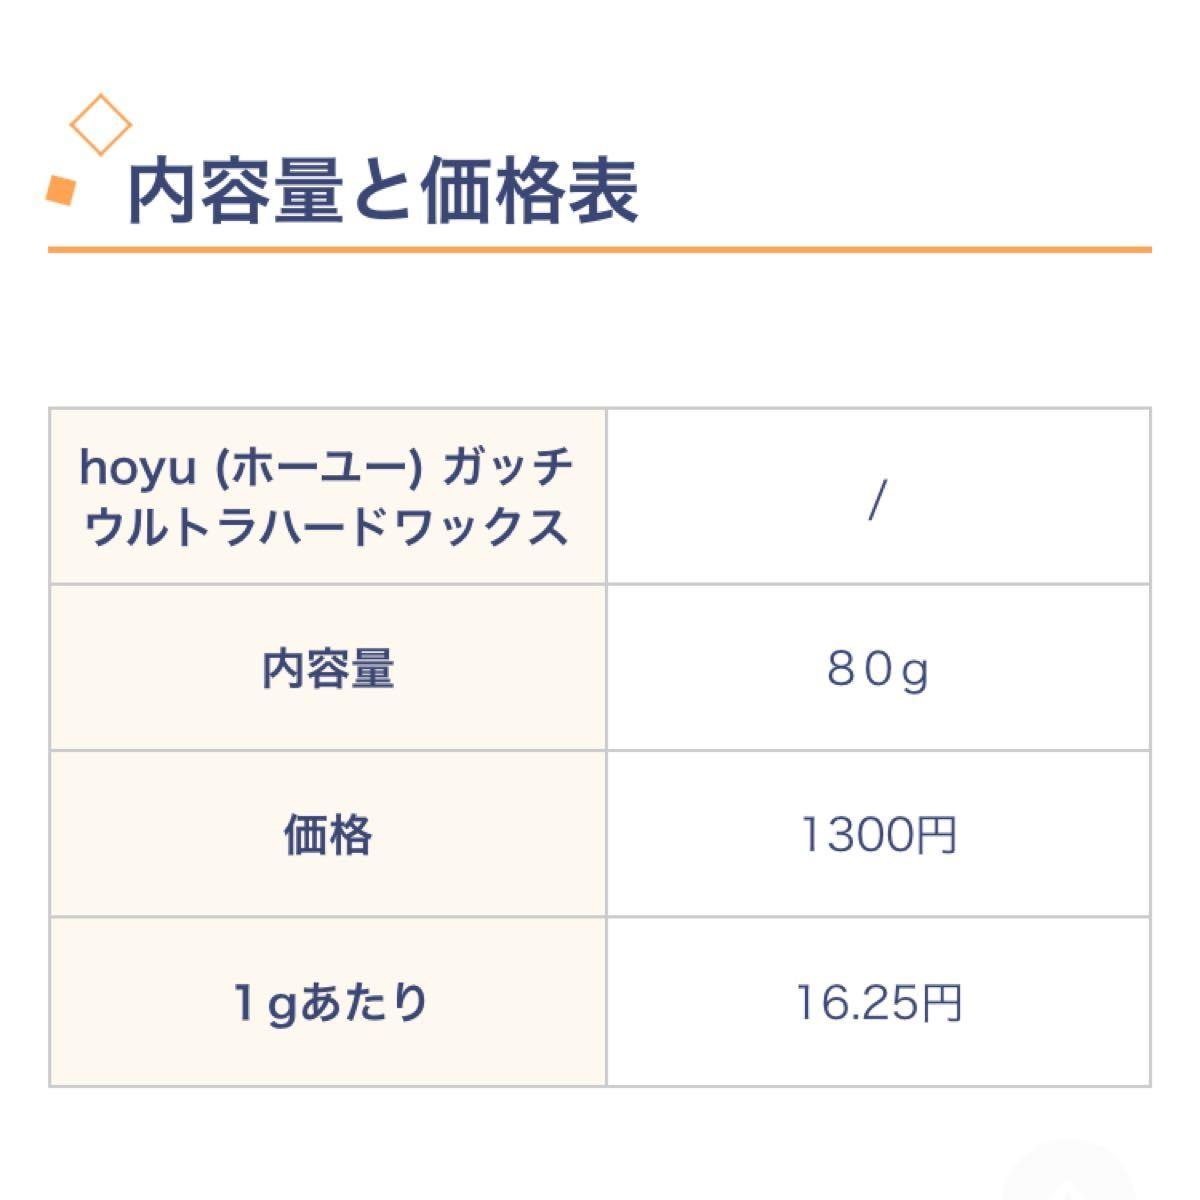 【新品】8本セット ガッチ ウルトラハードワックス 80g ヘアスタイリング ホーユー